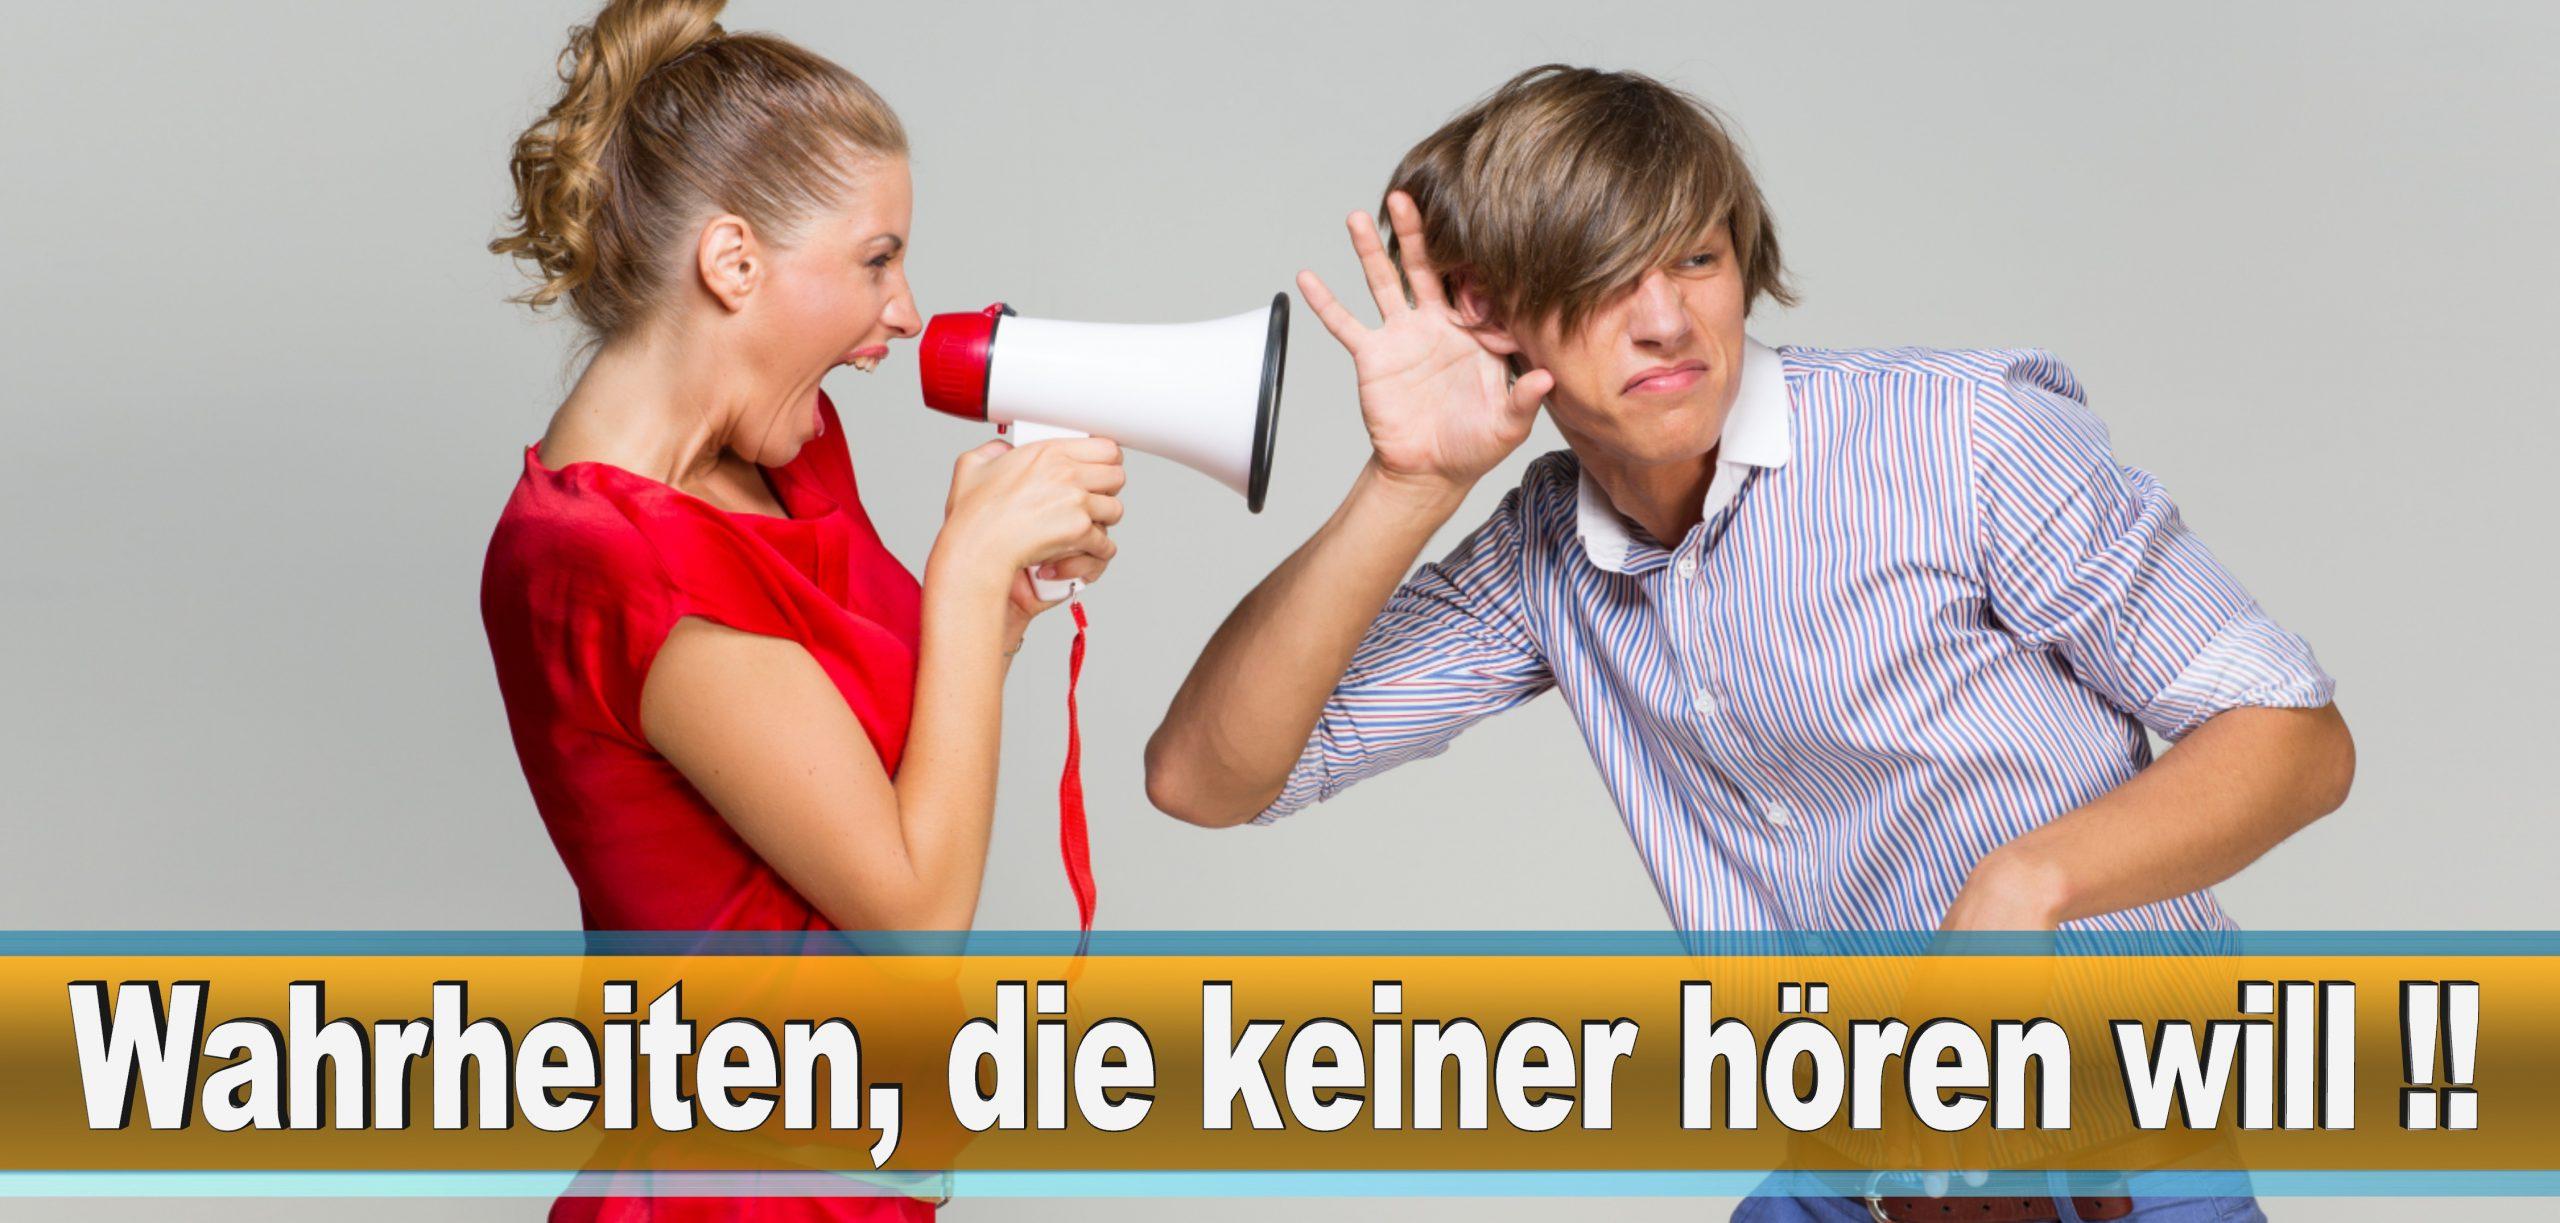 Bundestagswahl 2021 Wahlplakate CDU SPD FDP AFD Grüne Linke Stimmzettel Prognose Umfrage Kandidaten Parteien Datum (46)